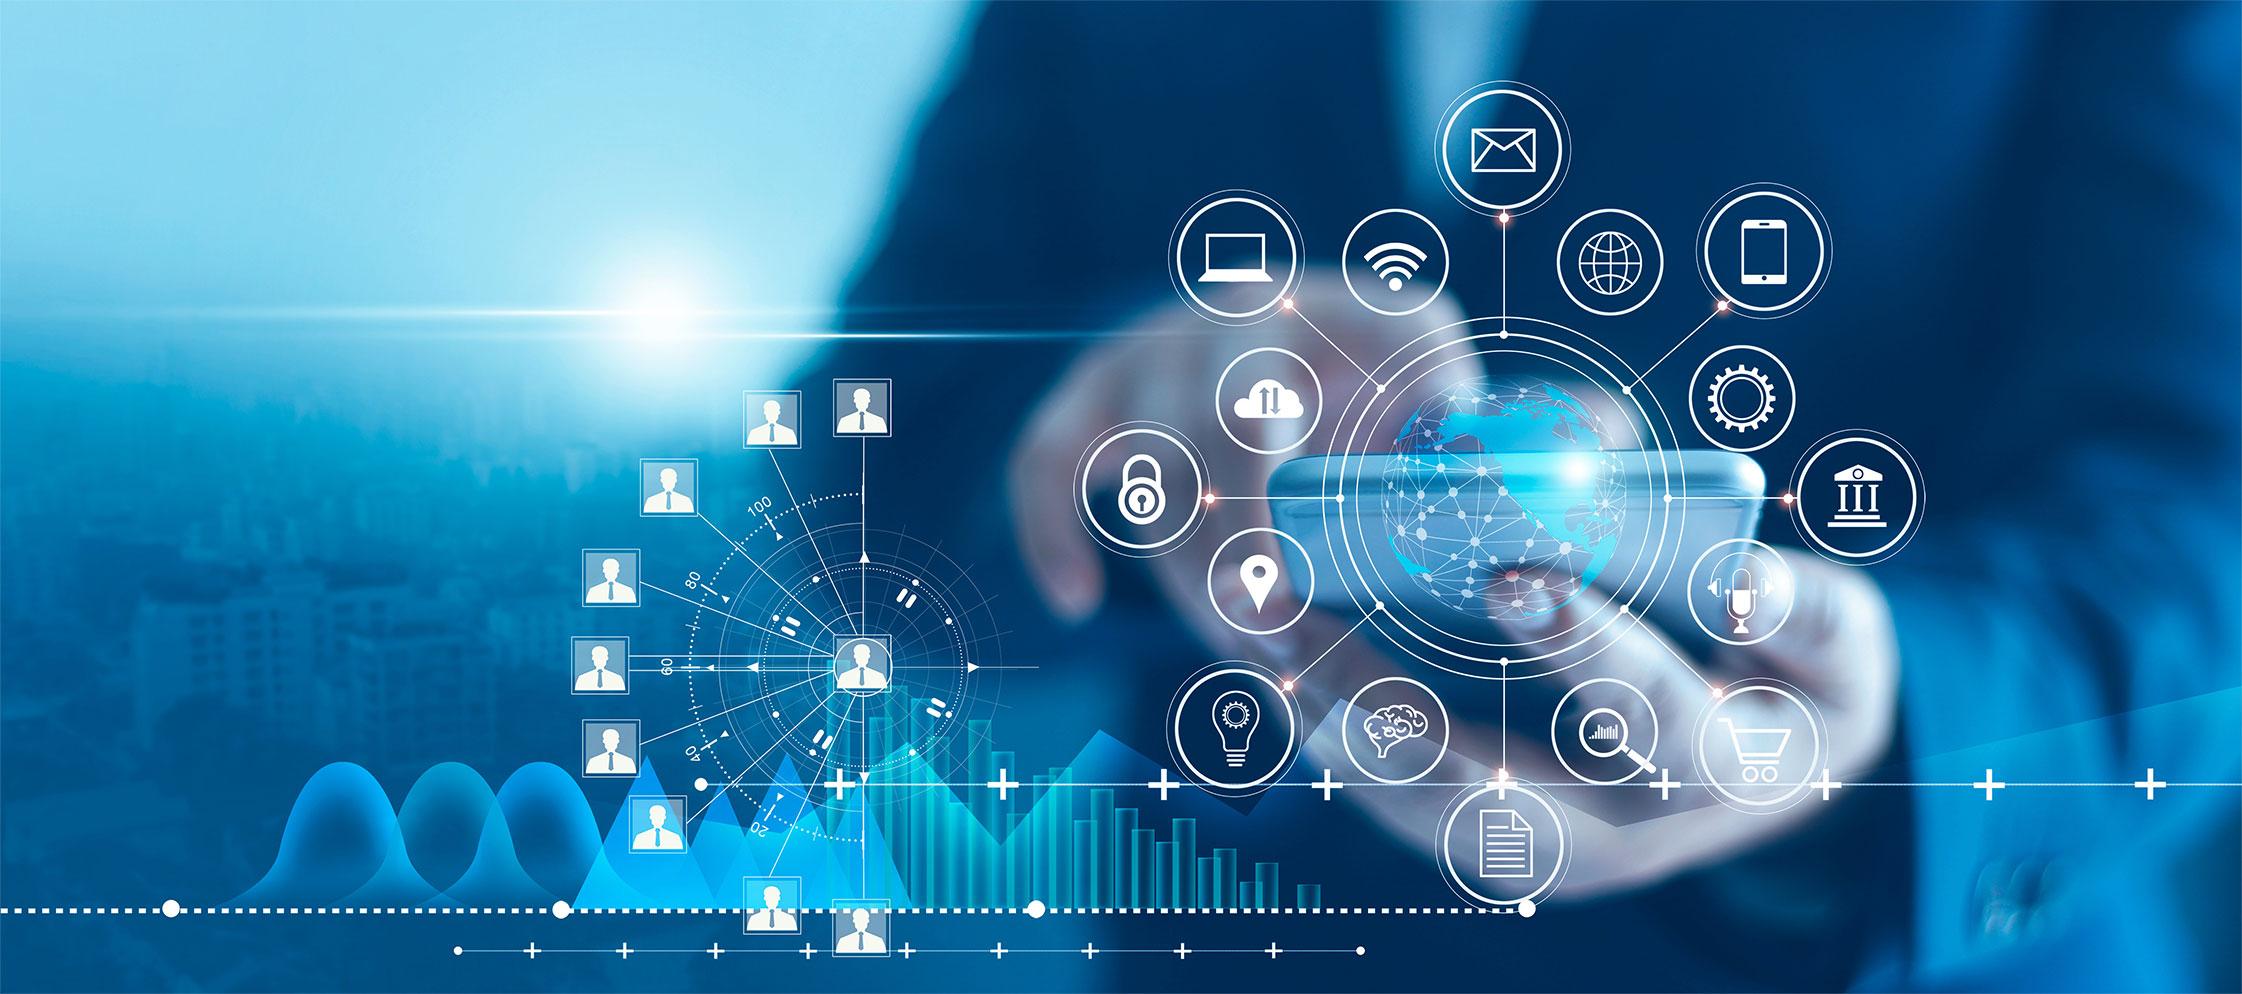 banner digital innovation